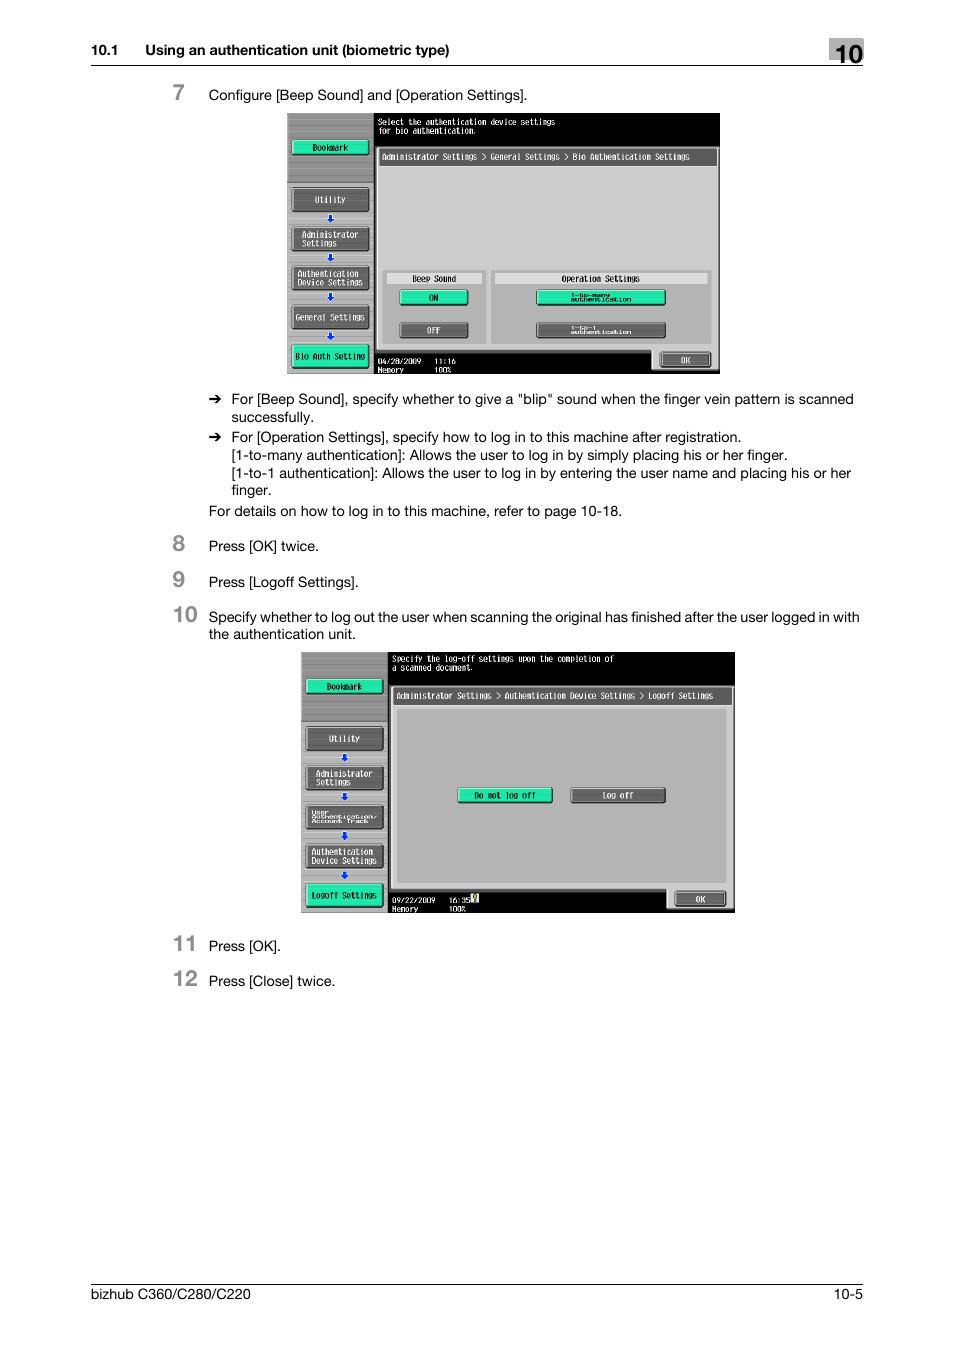 Konica Minolta BIZHUB C360 User Manual | Page 219 / 285